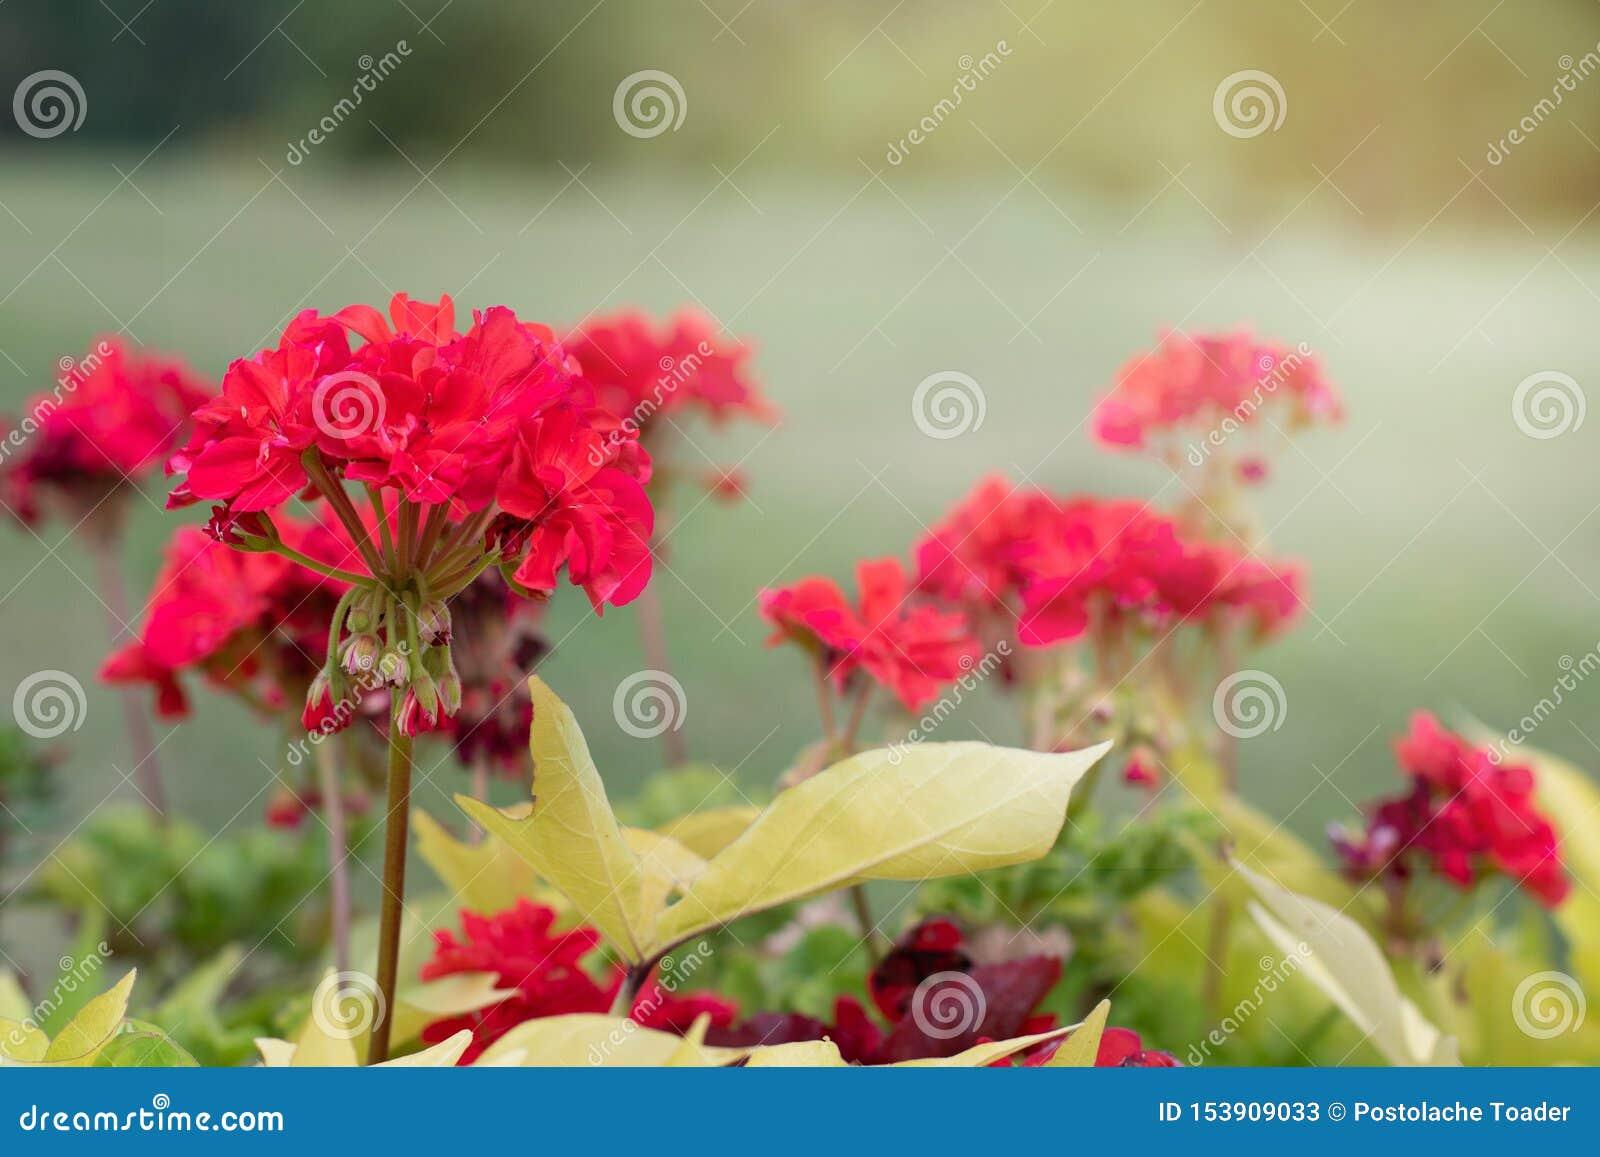 在绿色公园背景的红色野花  红色花在绿色叶子被弄脏的背景关闭在的一好日子